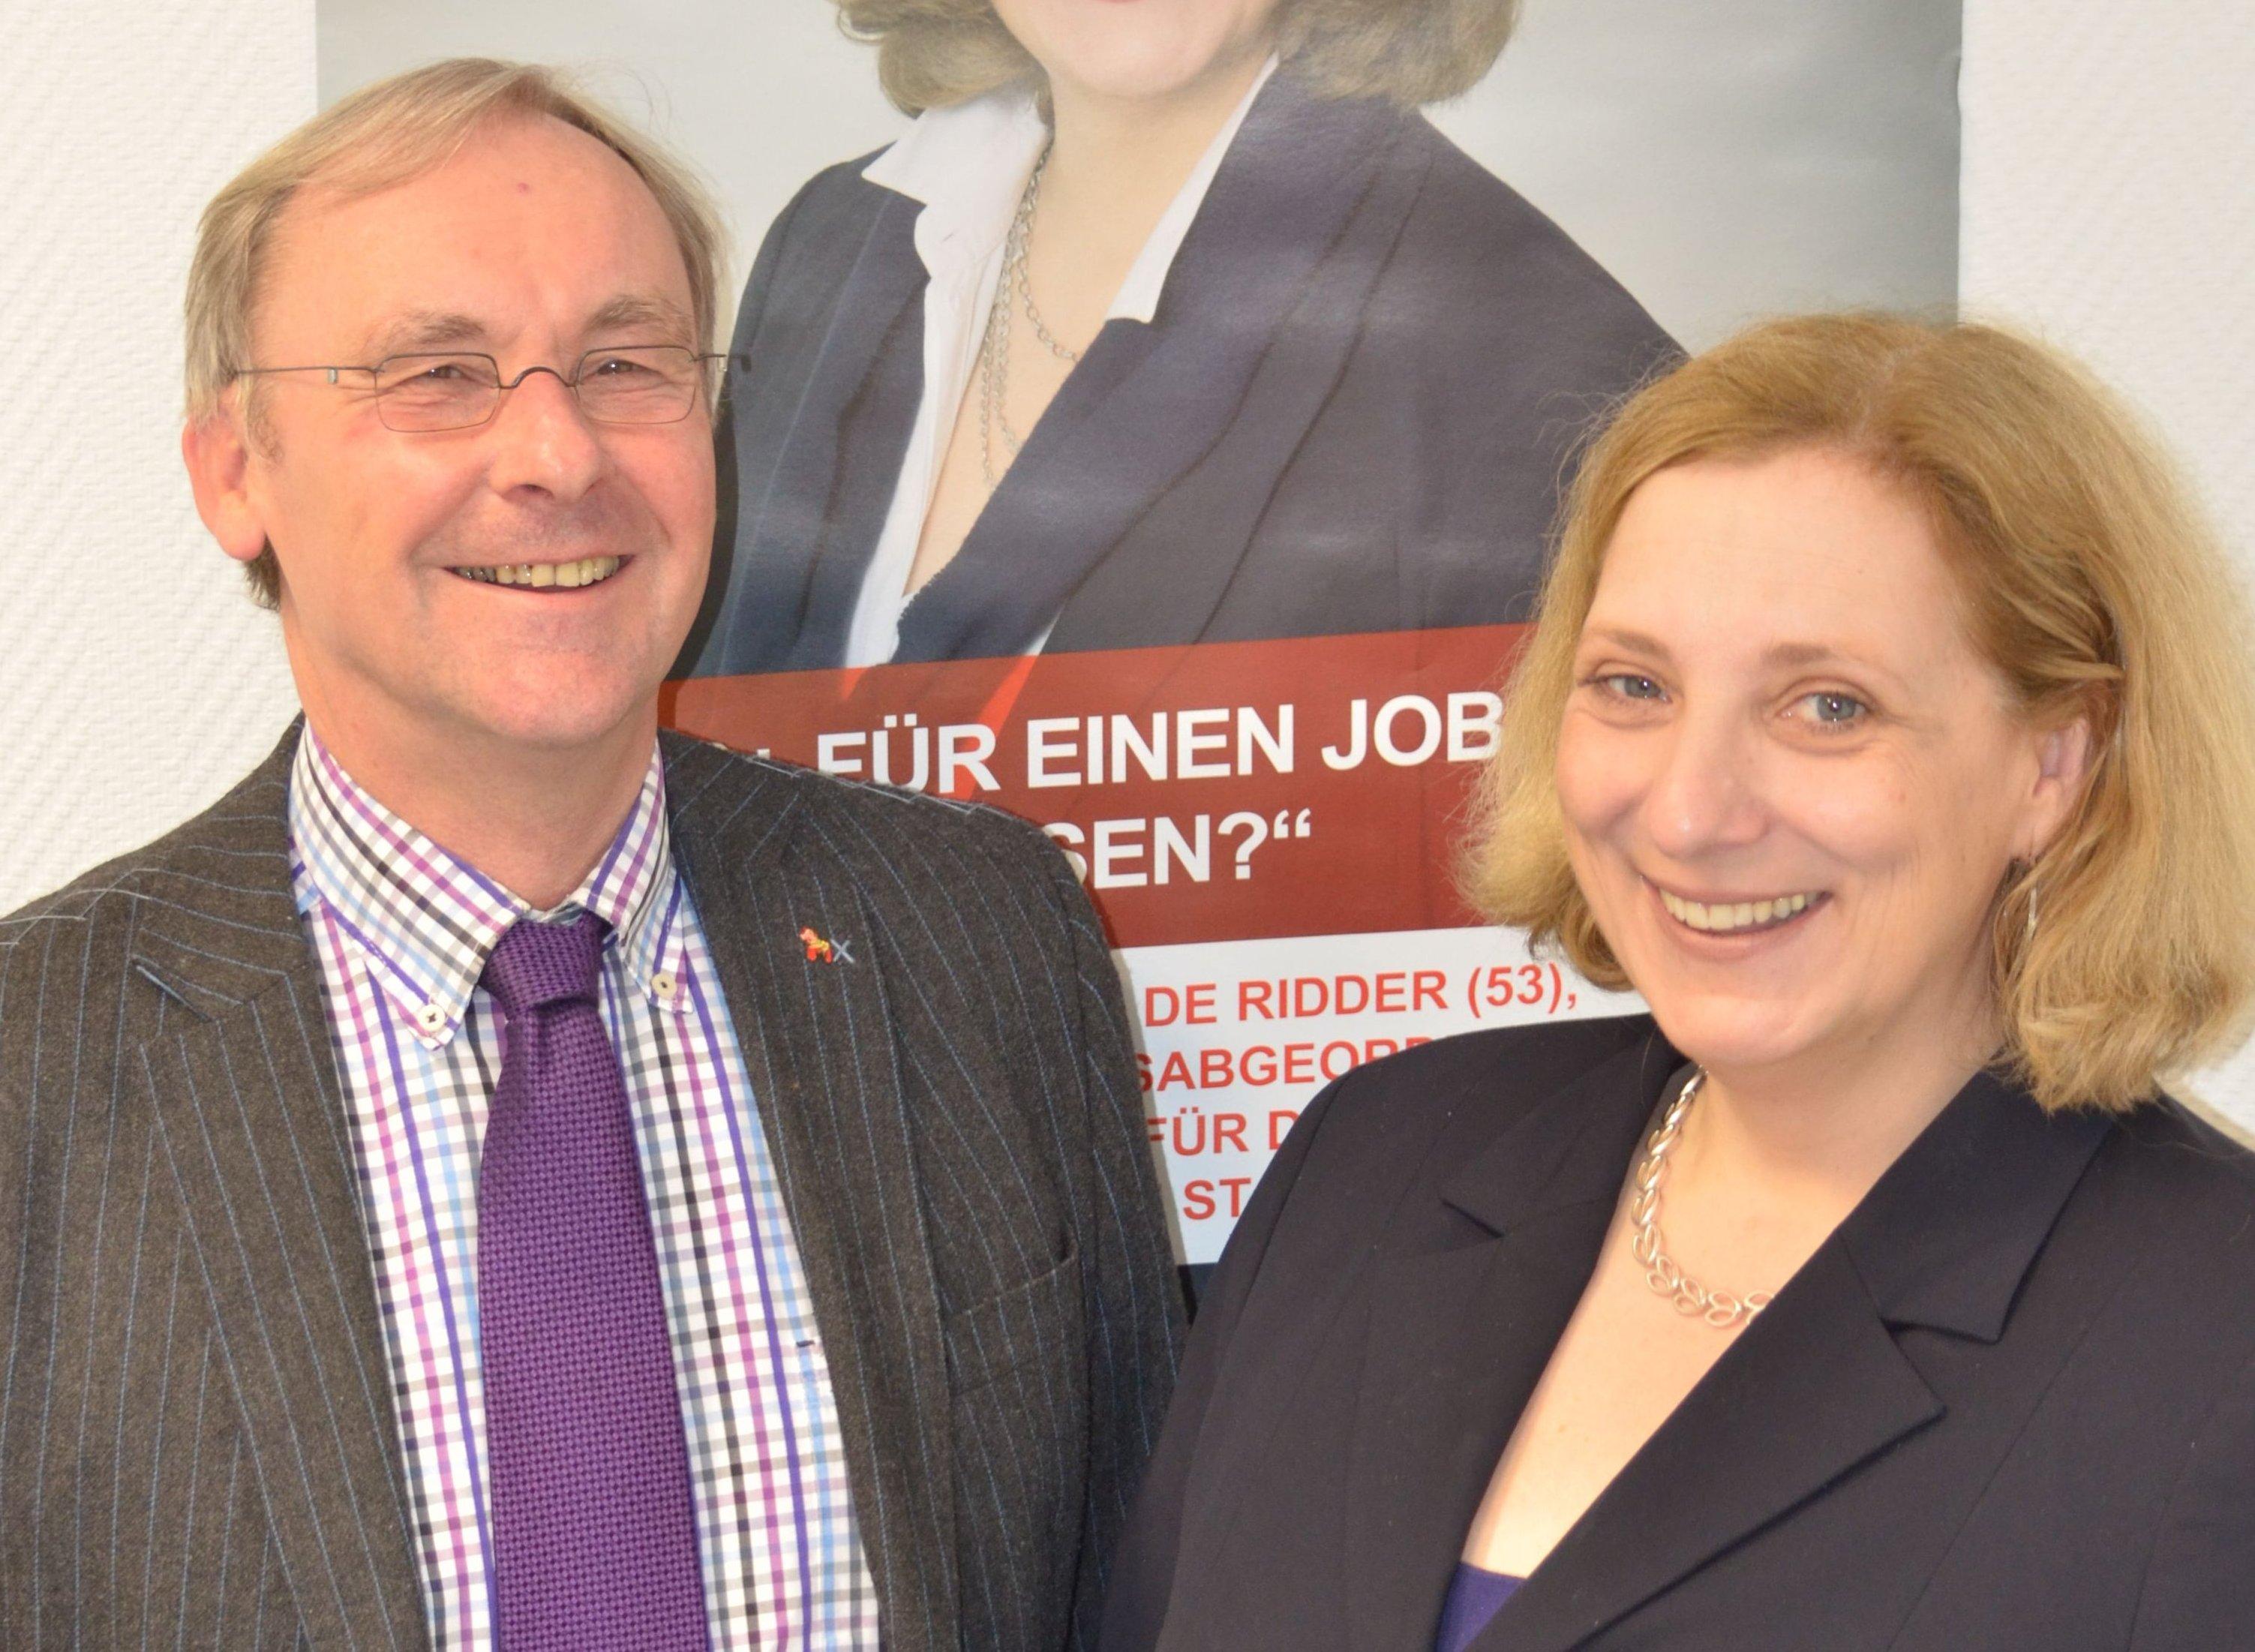 Hans-Joachim Haming und Dr. Daniela De Ridder werben für Beschäftigung